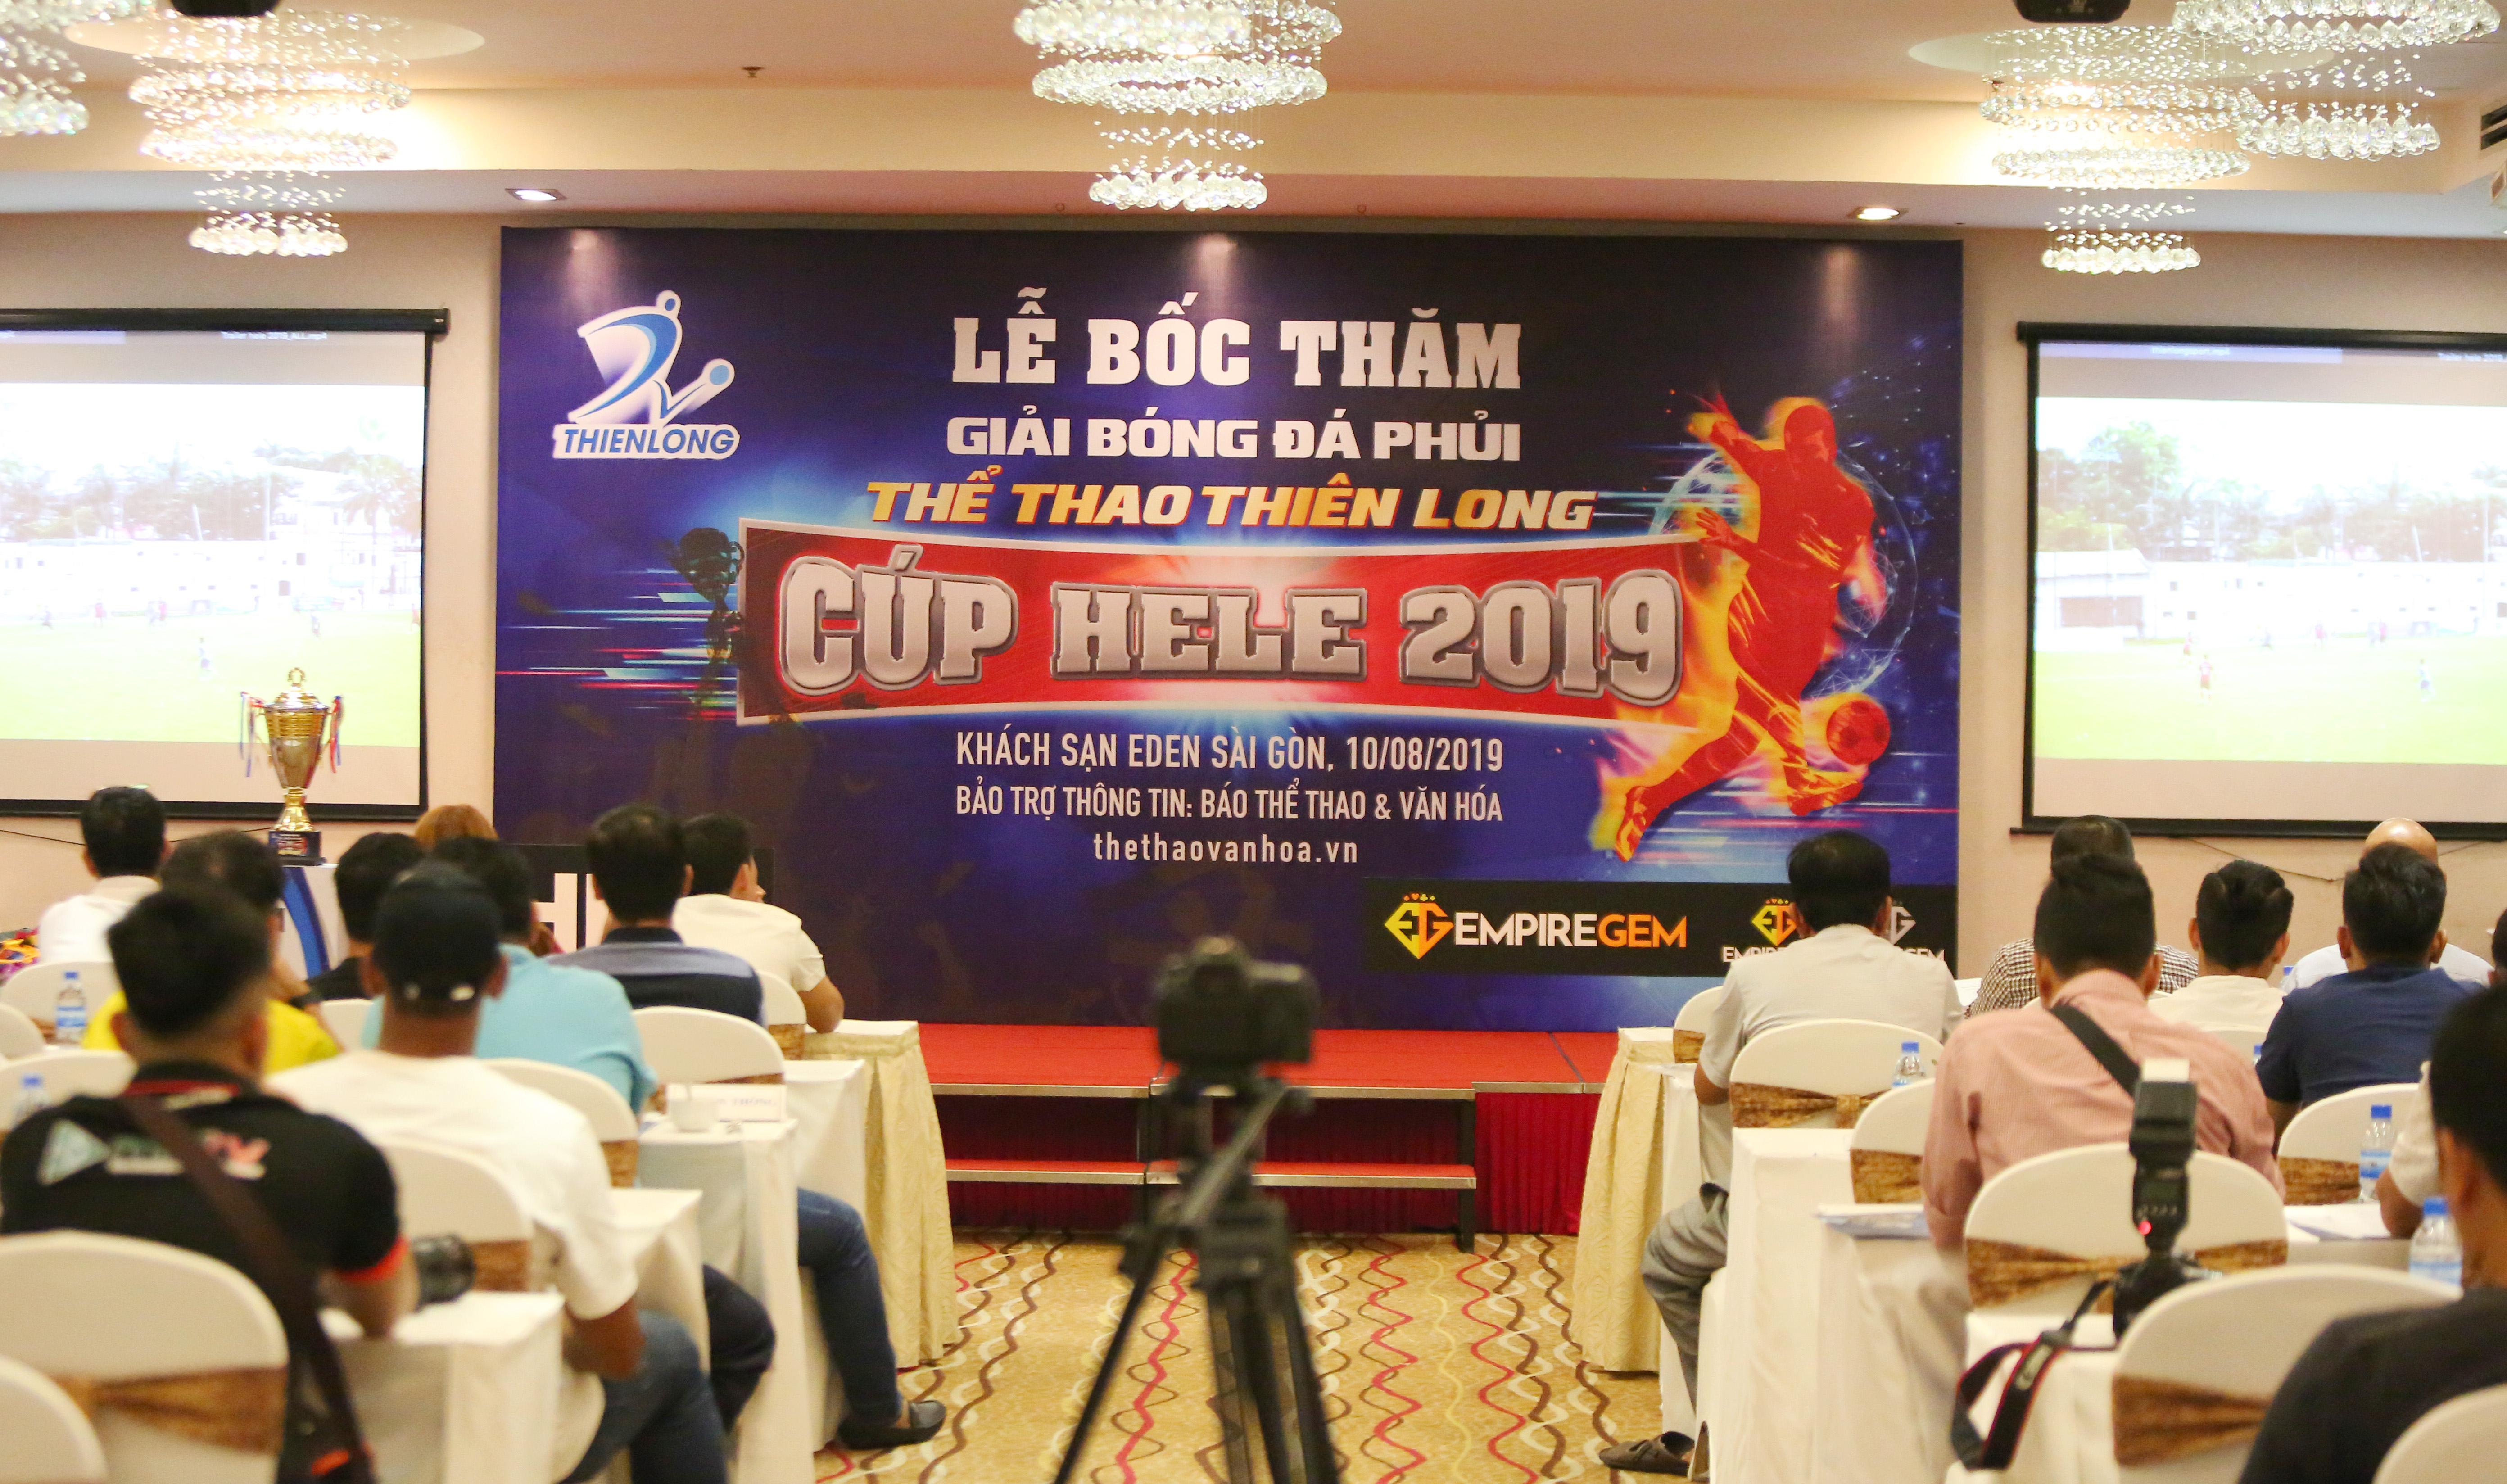 8 đội bóng phủi hàng đầu Sài thành tranh tài giải Thể thao Thiên Long 2019 - Bóng Đá